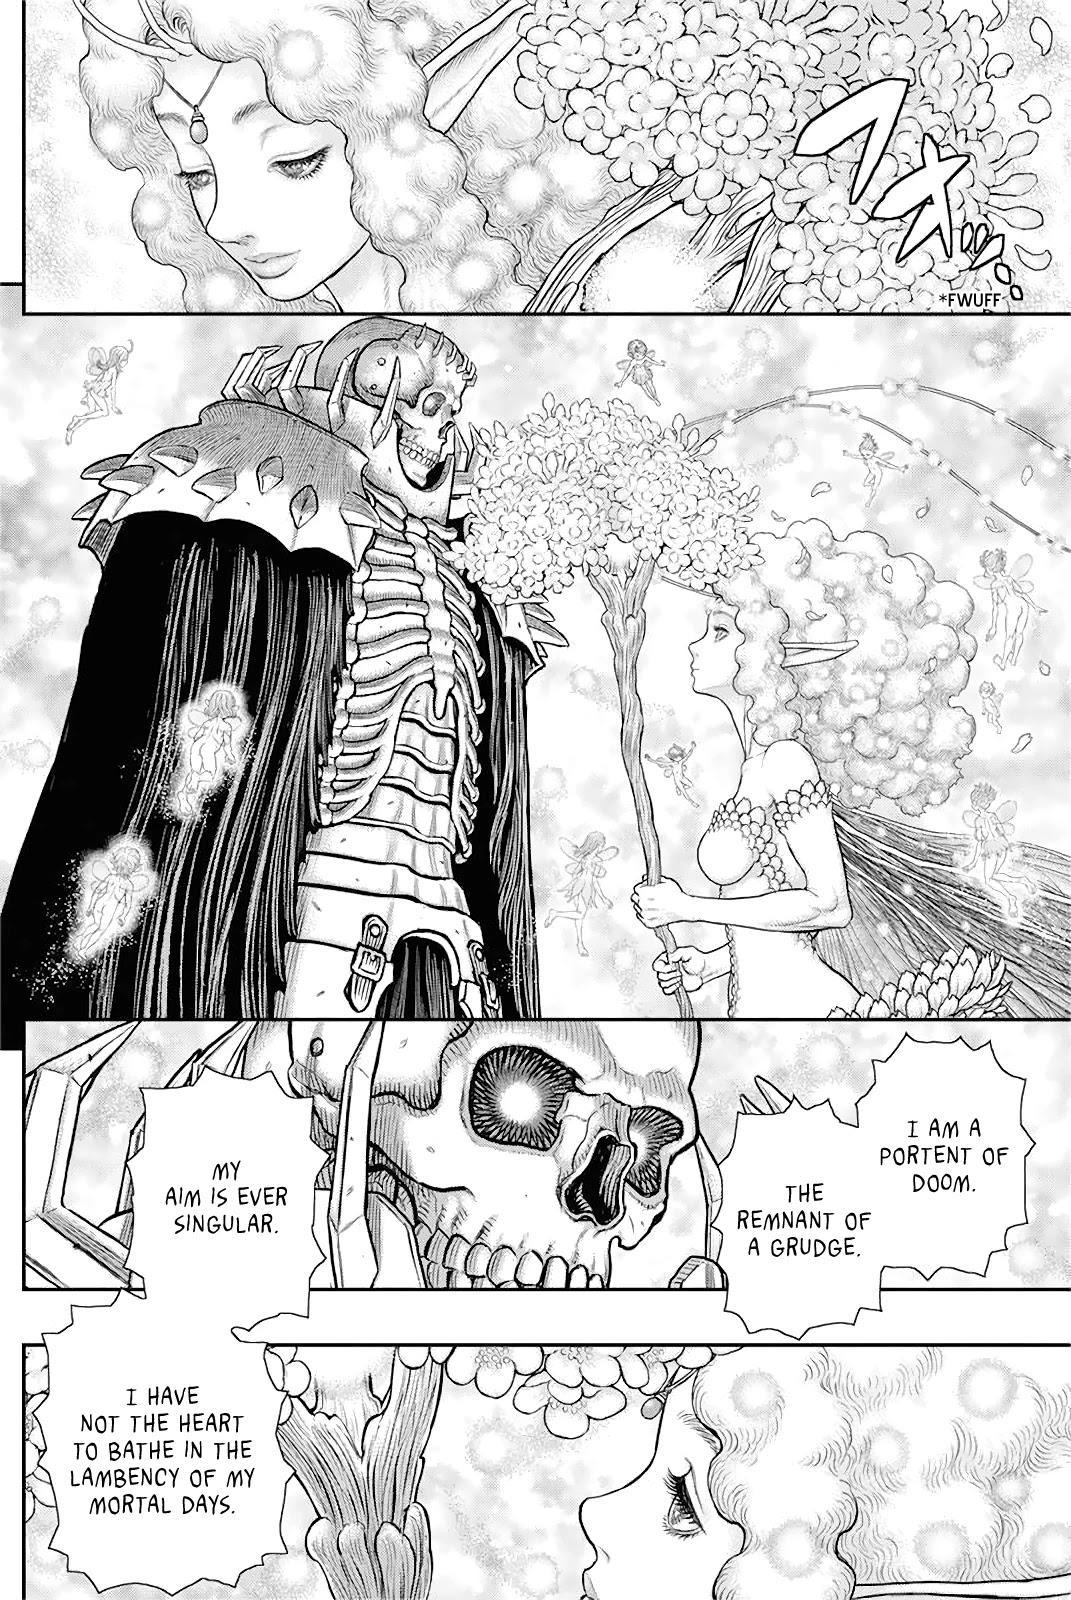 Berserk Chapter 363: Leaping Monkey page 4 - Mangakakalot